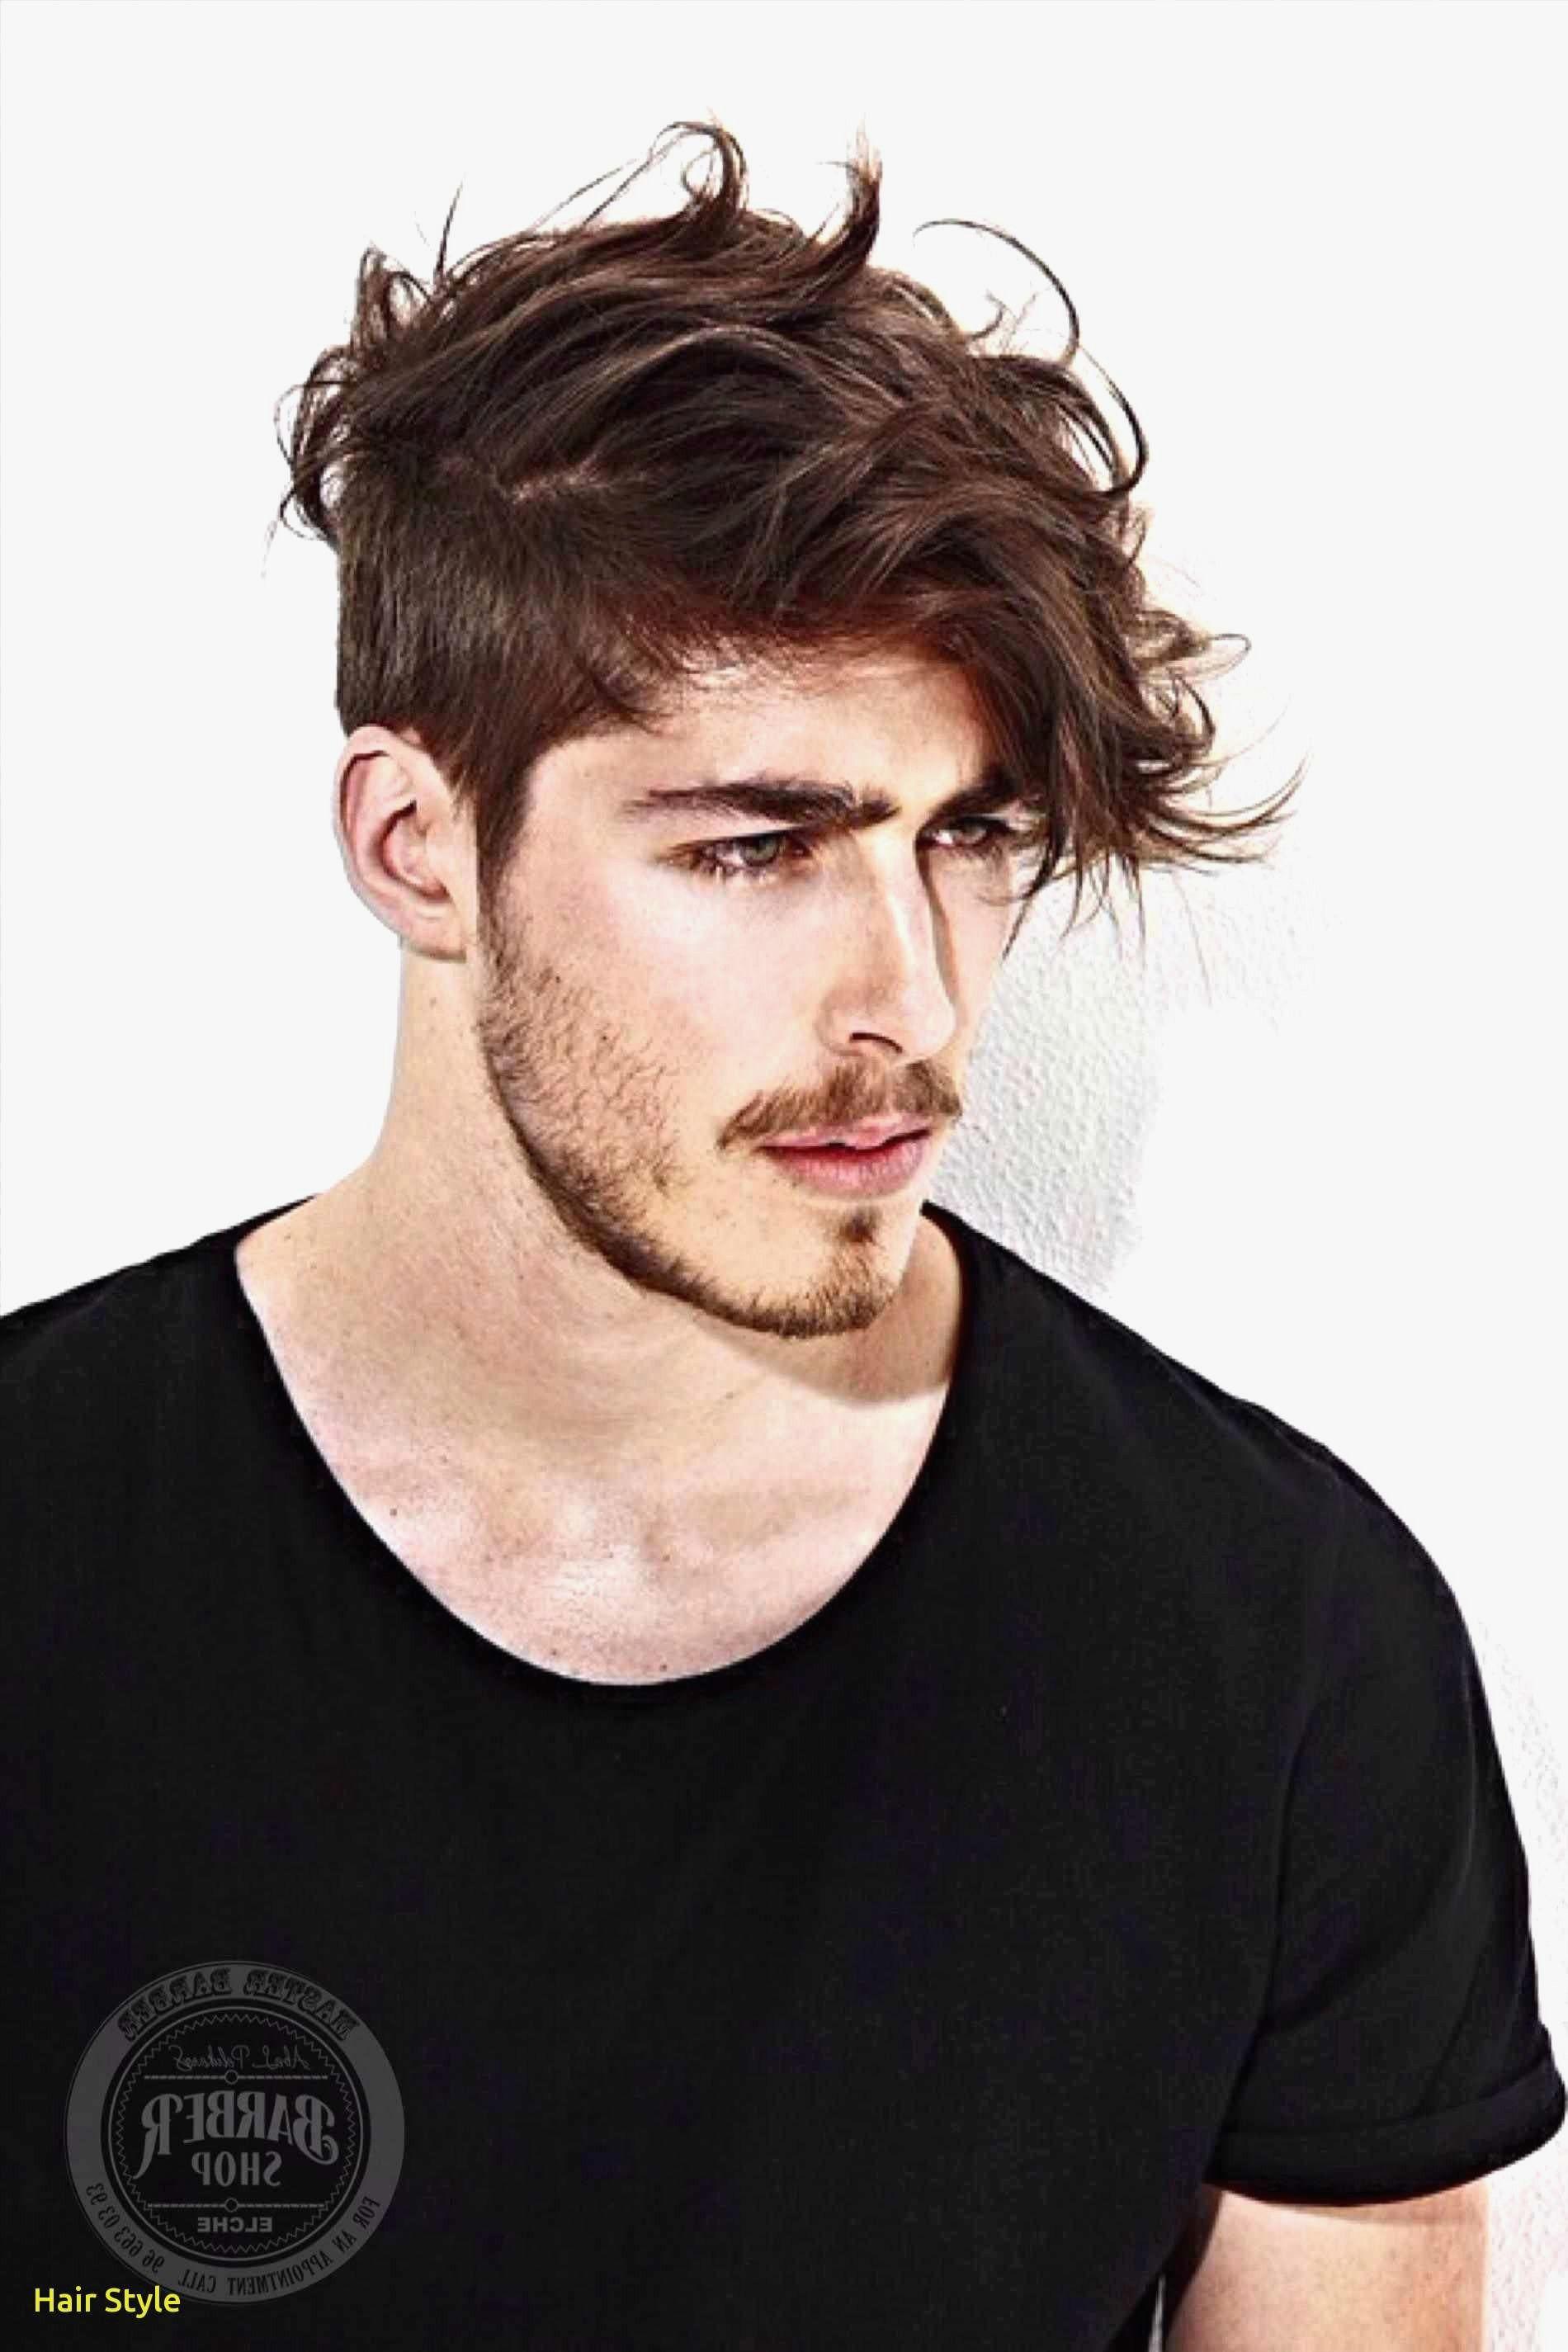 20 Frisuren Manner Mittellang Top Modische Kleider Haarschnitt Manner Herrenfrisuren Hipster Frisur